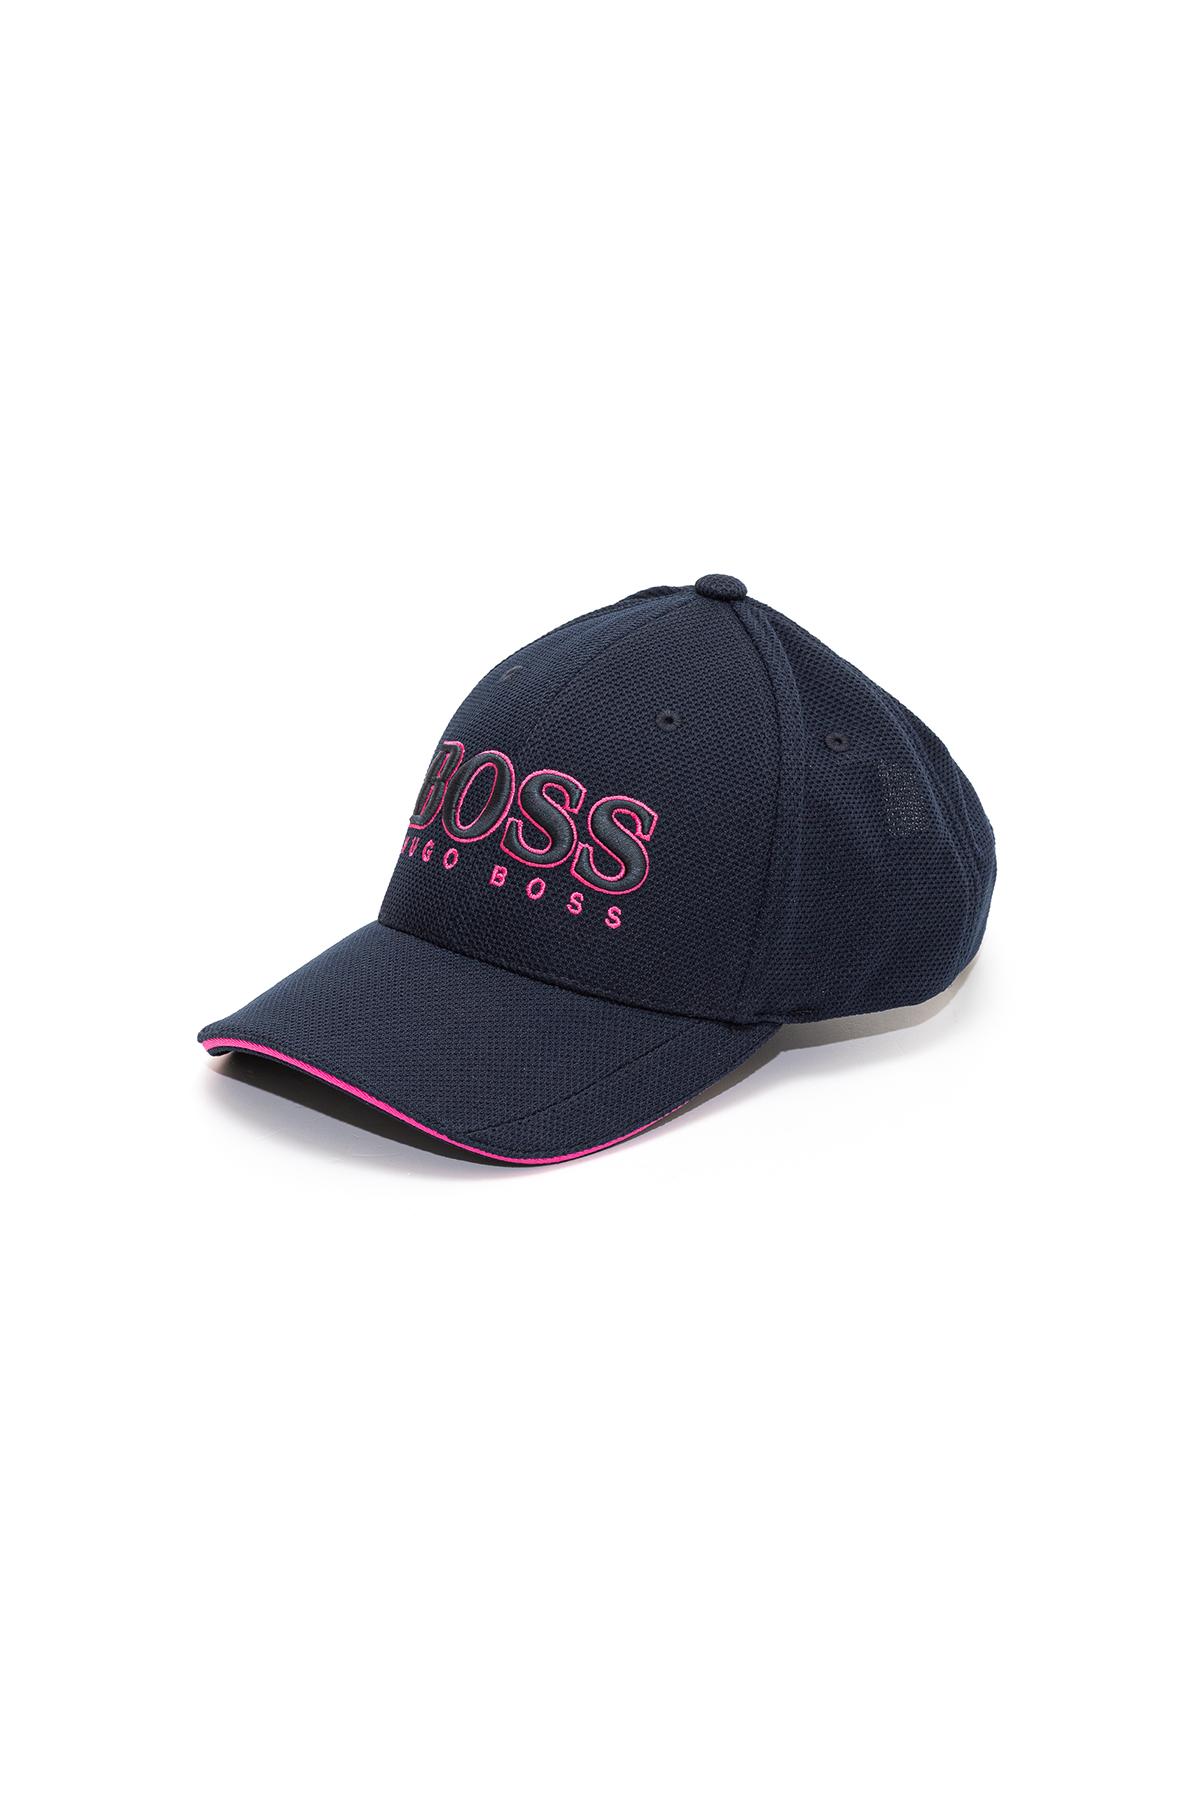 Hugo Boss Erkek Beyzbol Şapka